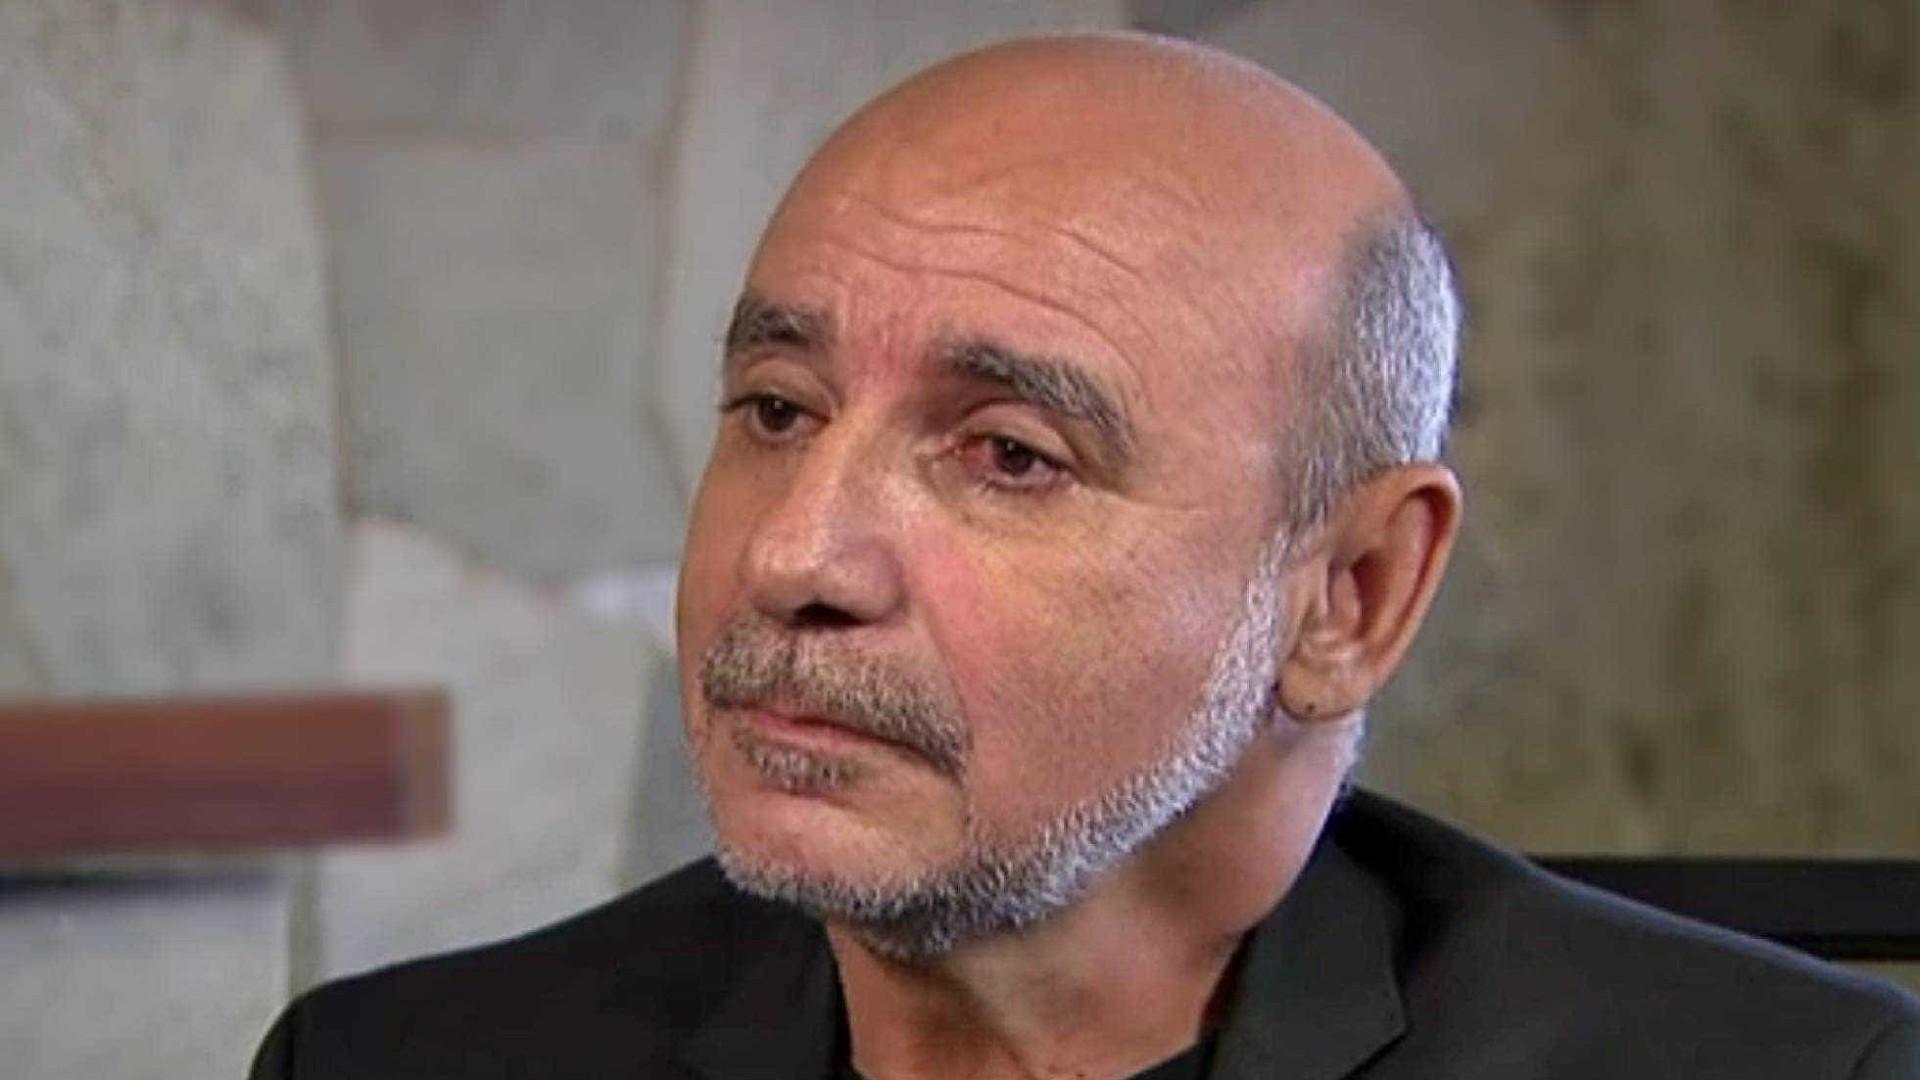 Habeas corpus de Queiroz deve ser julgado por juiz que já negou liminar